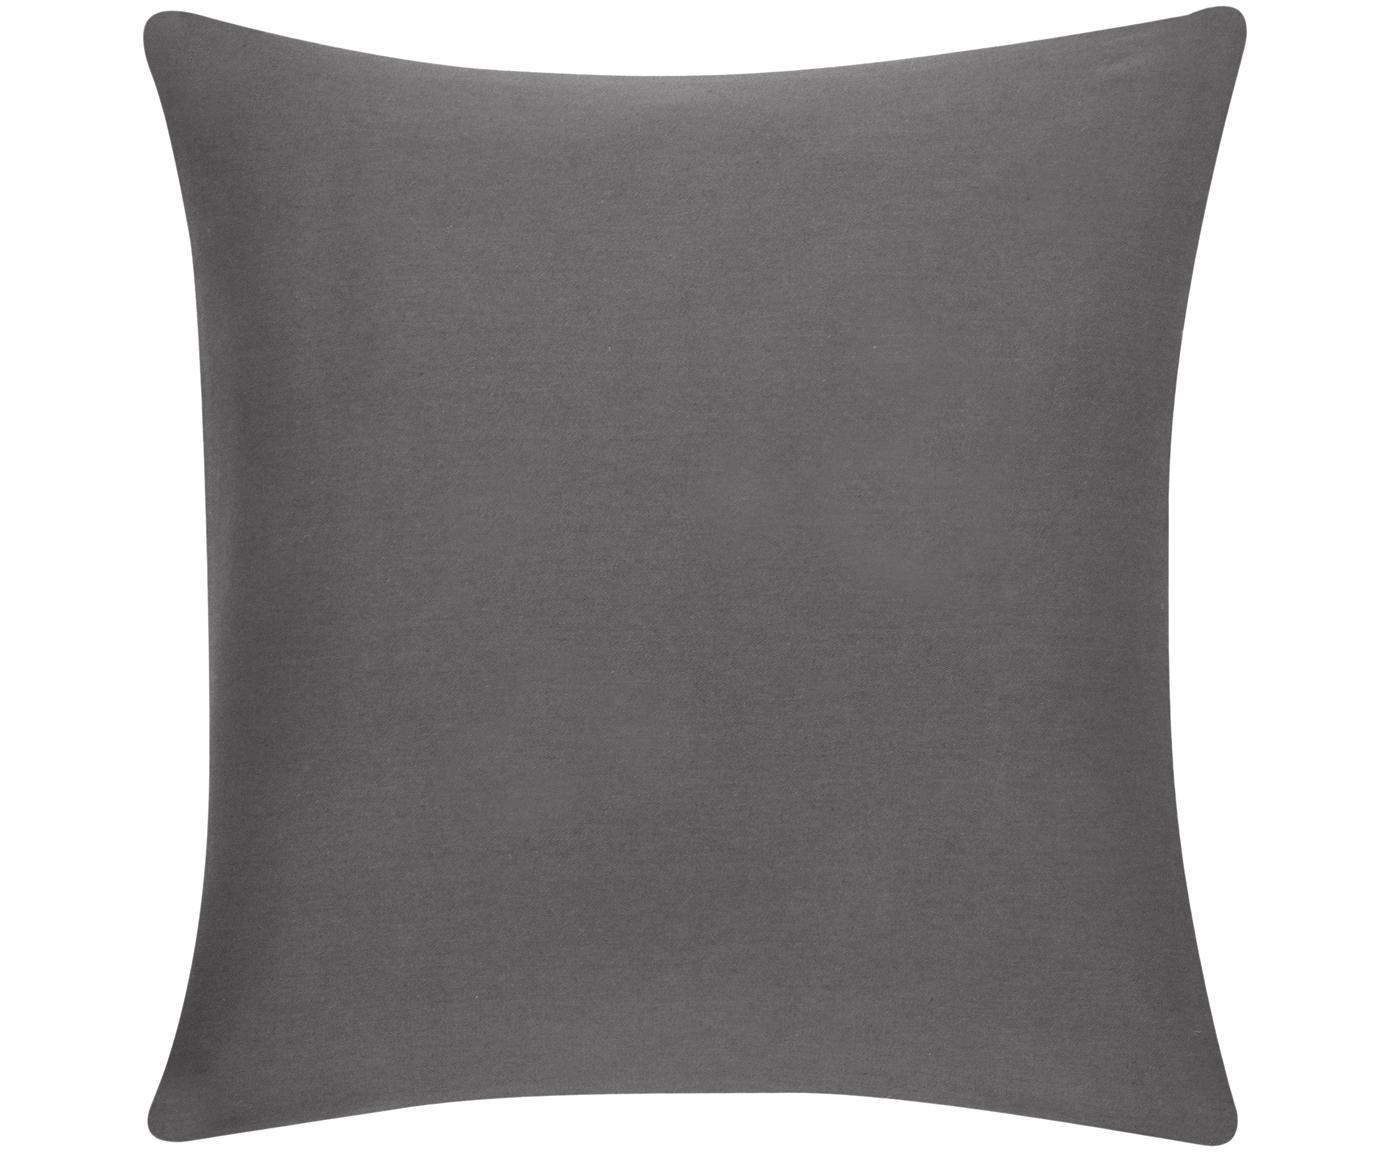 Poszewka na poduszkę Mads, 100% bawełna, Ciemny szary, S 40 x D 40 cm